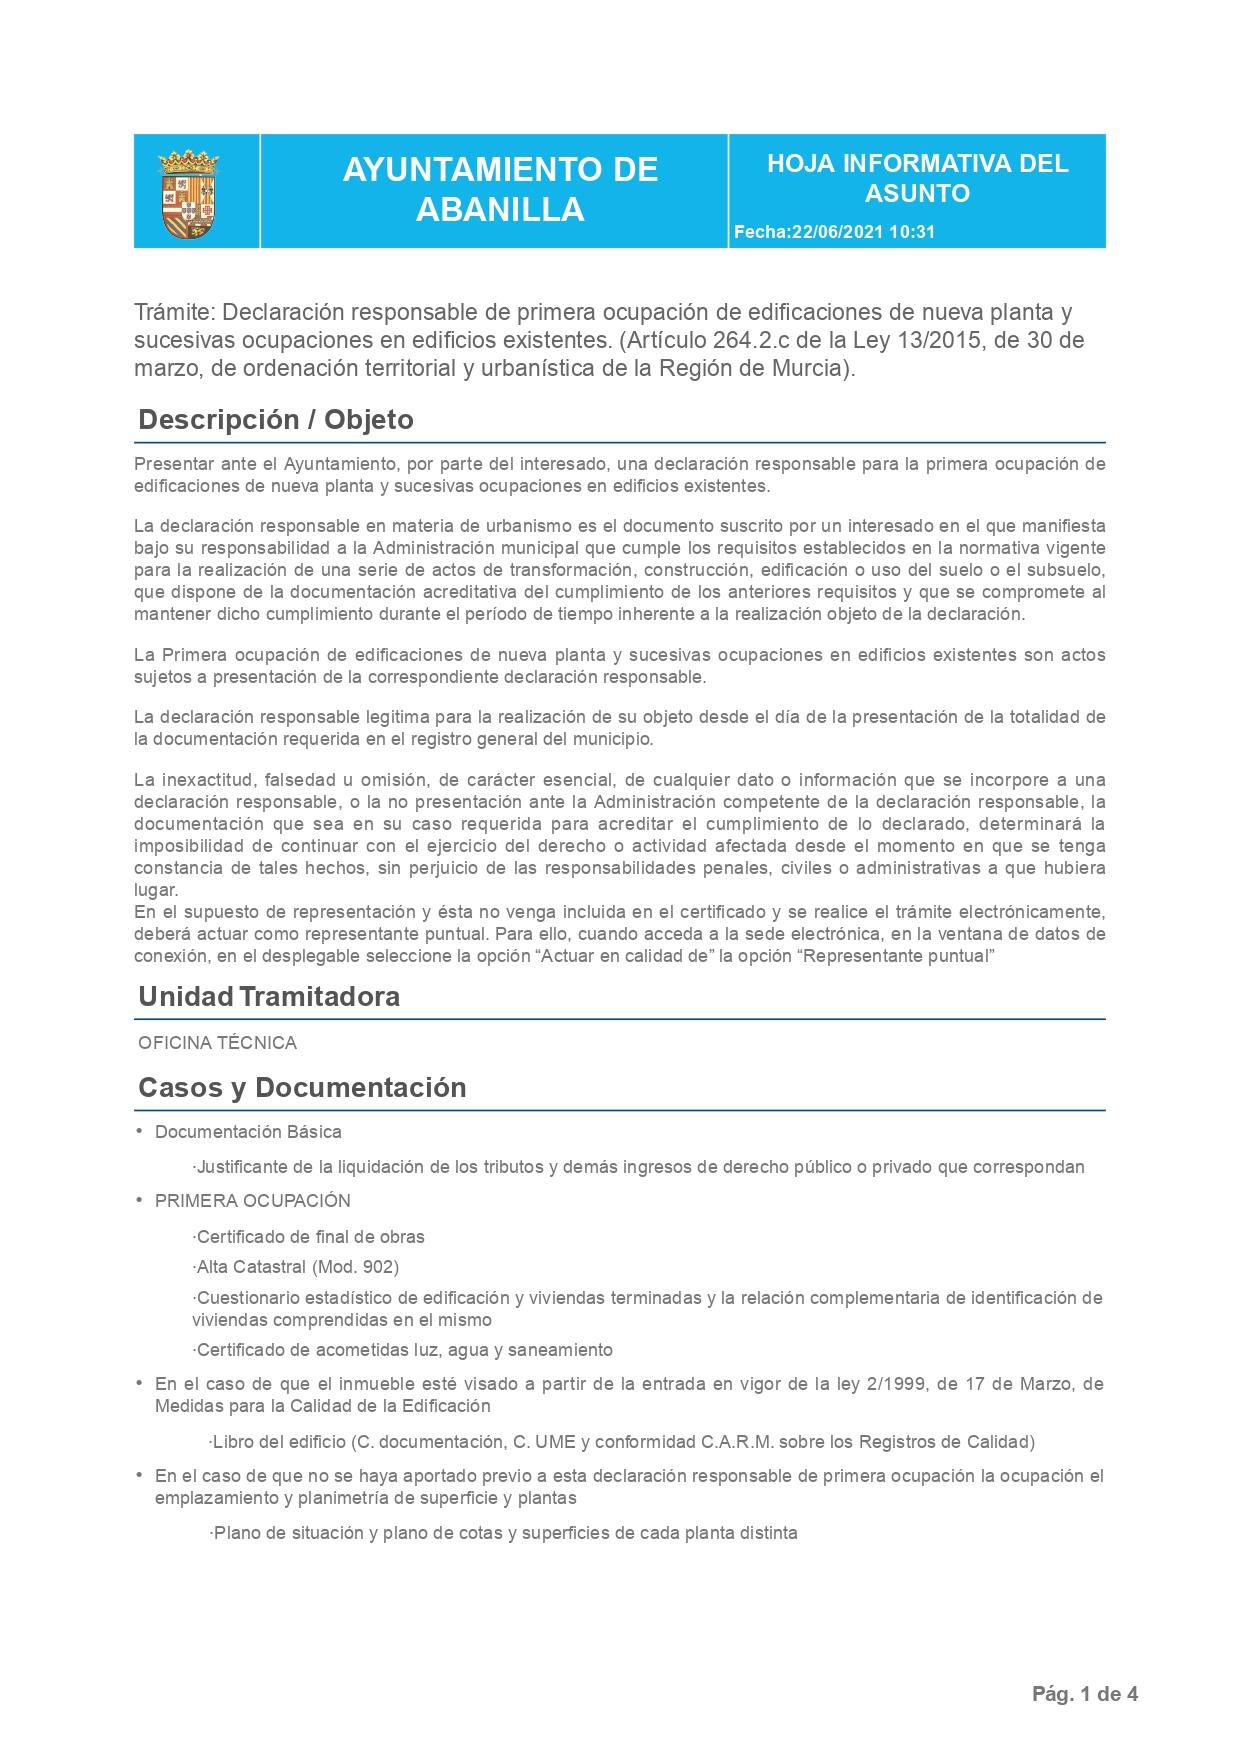 Declaración Responsable Segunda Ocupación Abanilla